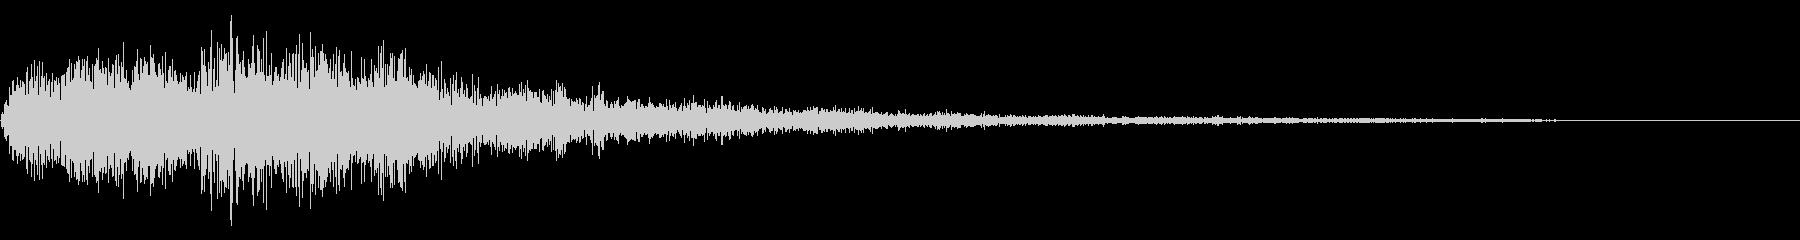 明るいテロップ音 ボタン音 決定音18bの未再生の波形